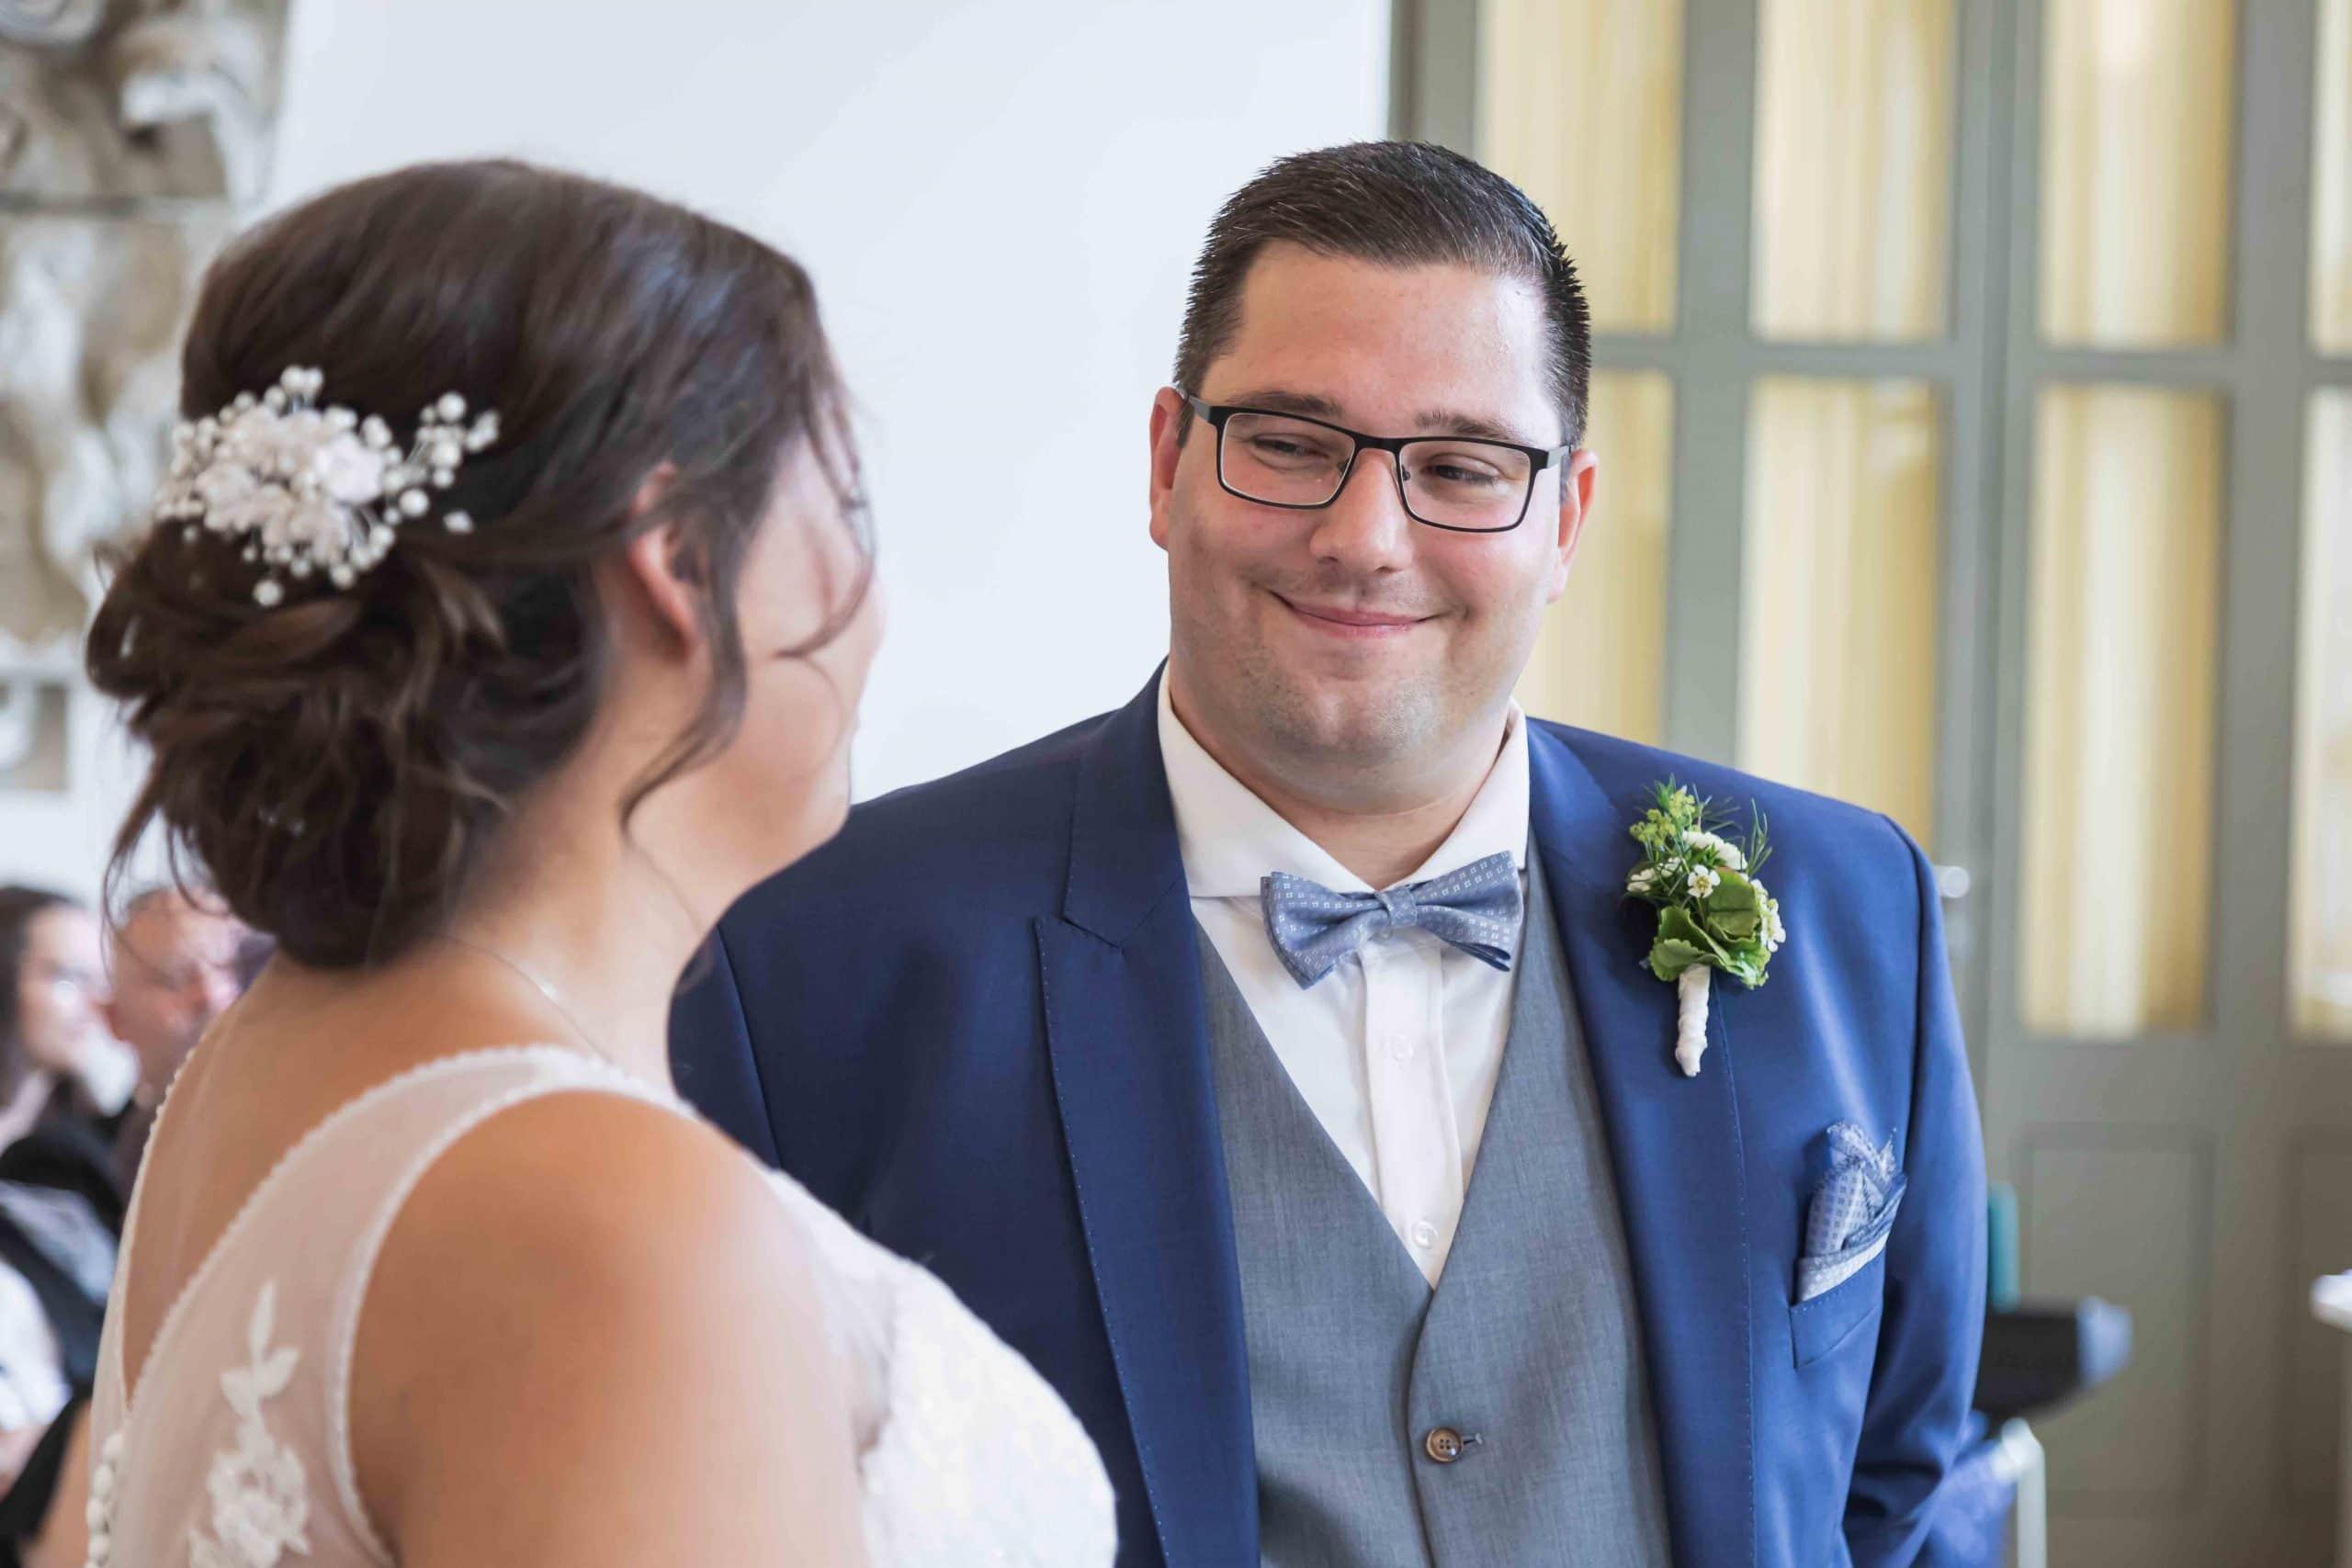 Hochzeit-Heiraten-Fotograf-Barockgarten-Grosssedlitz